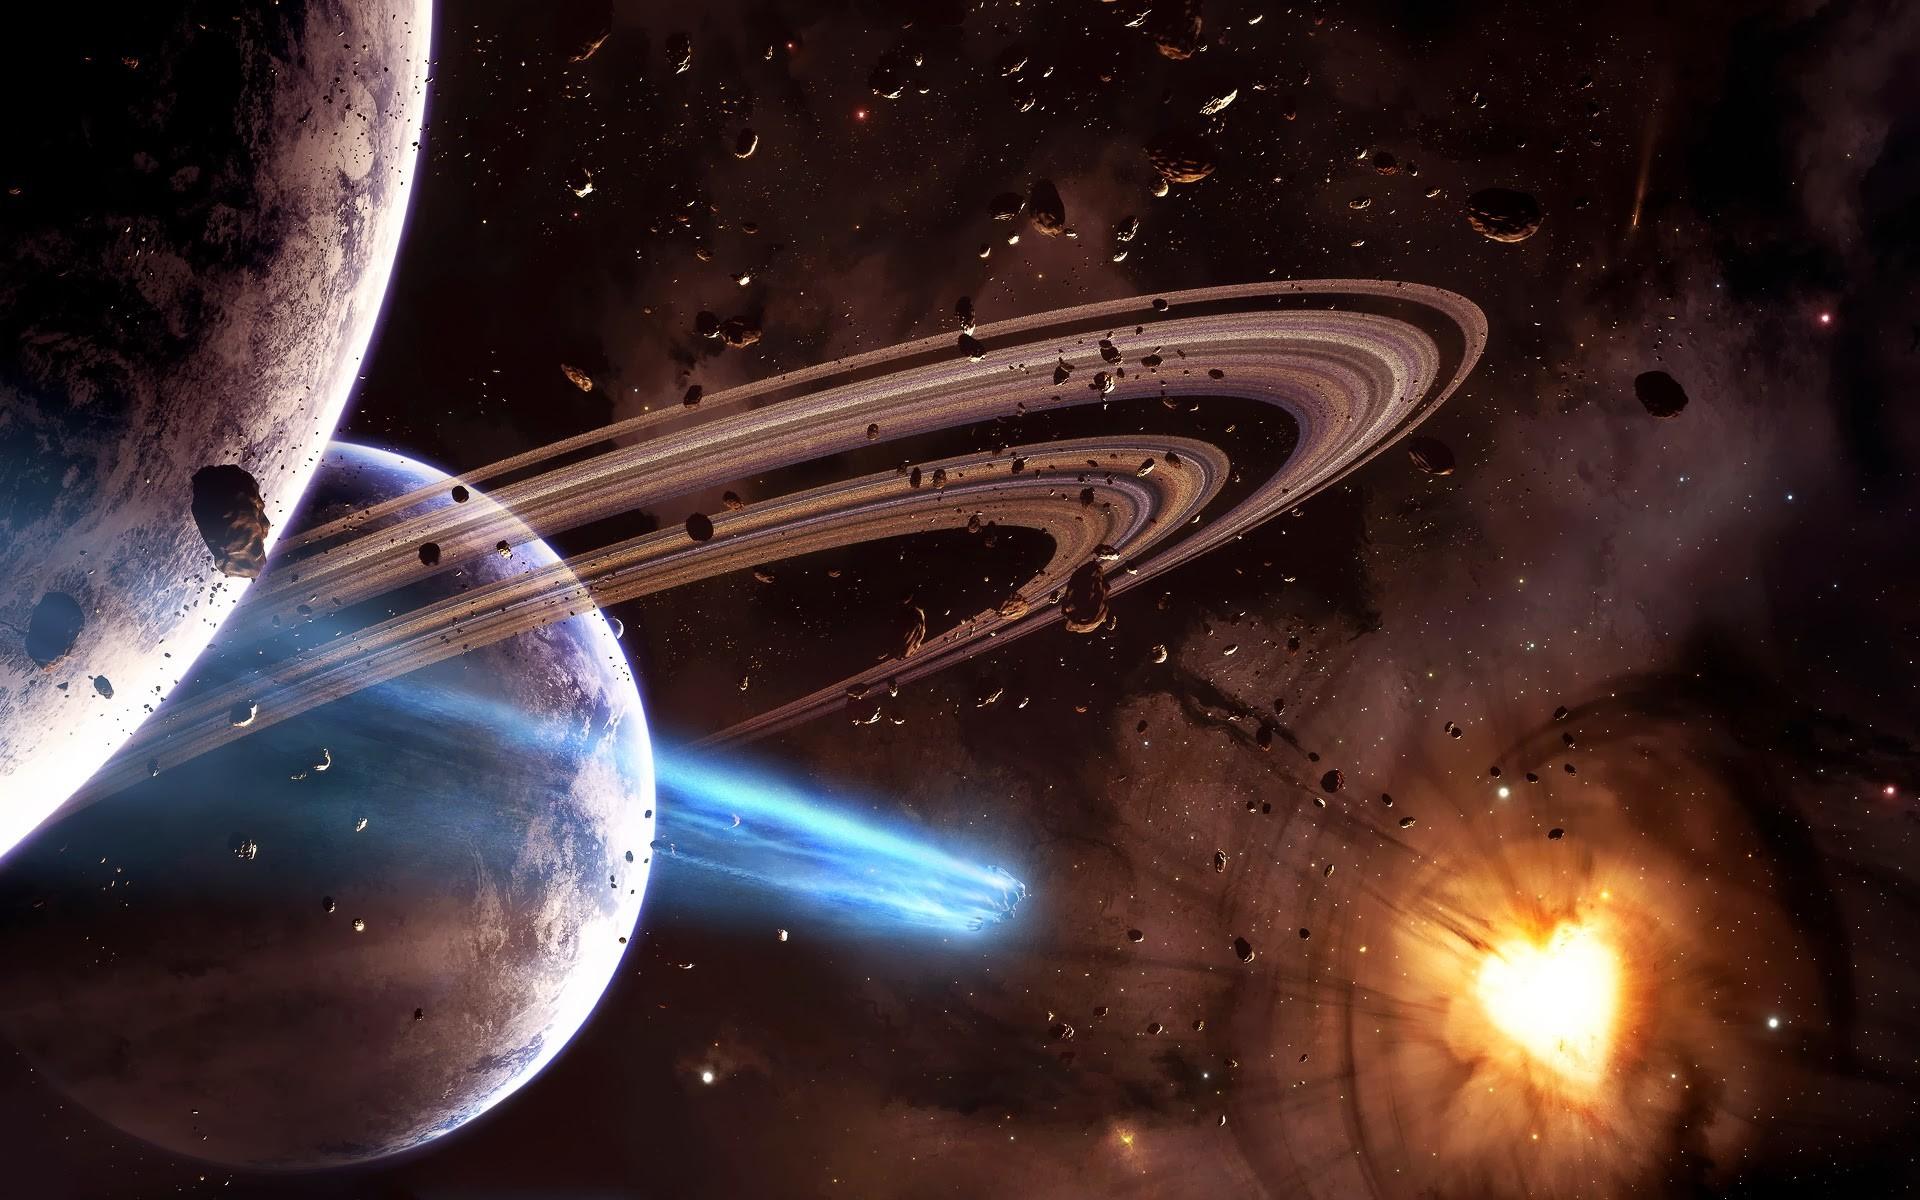 Sfondi universo hd 84 immagini for Sfondi spaziali